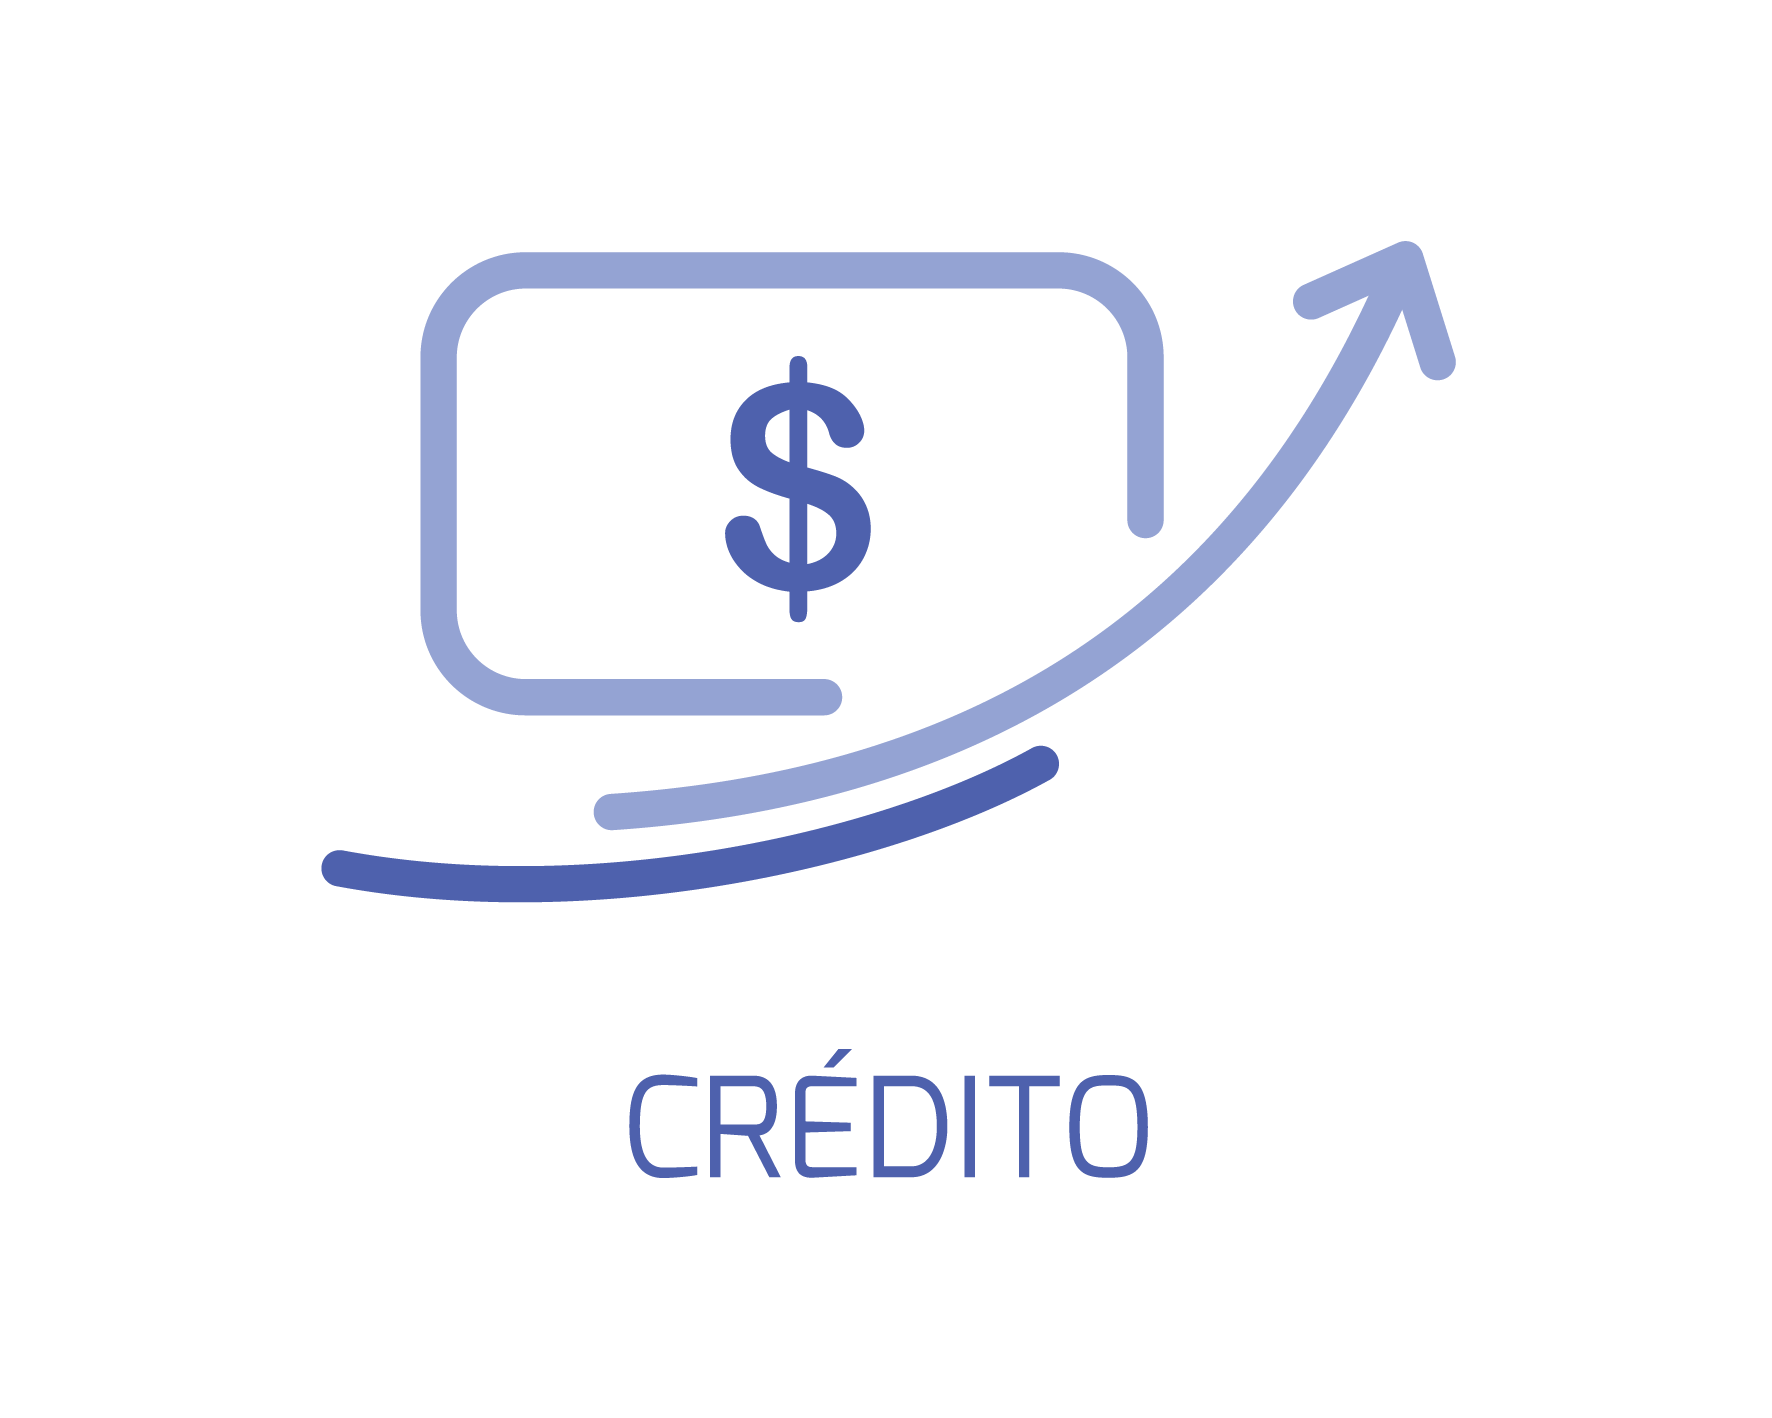 ramo credito 14 11 2019